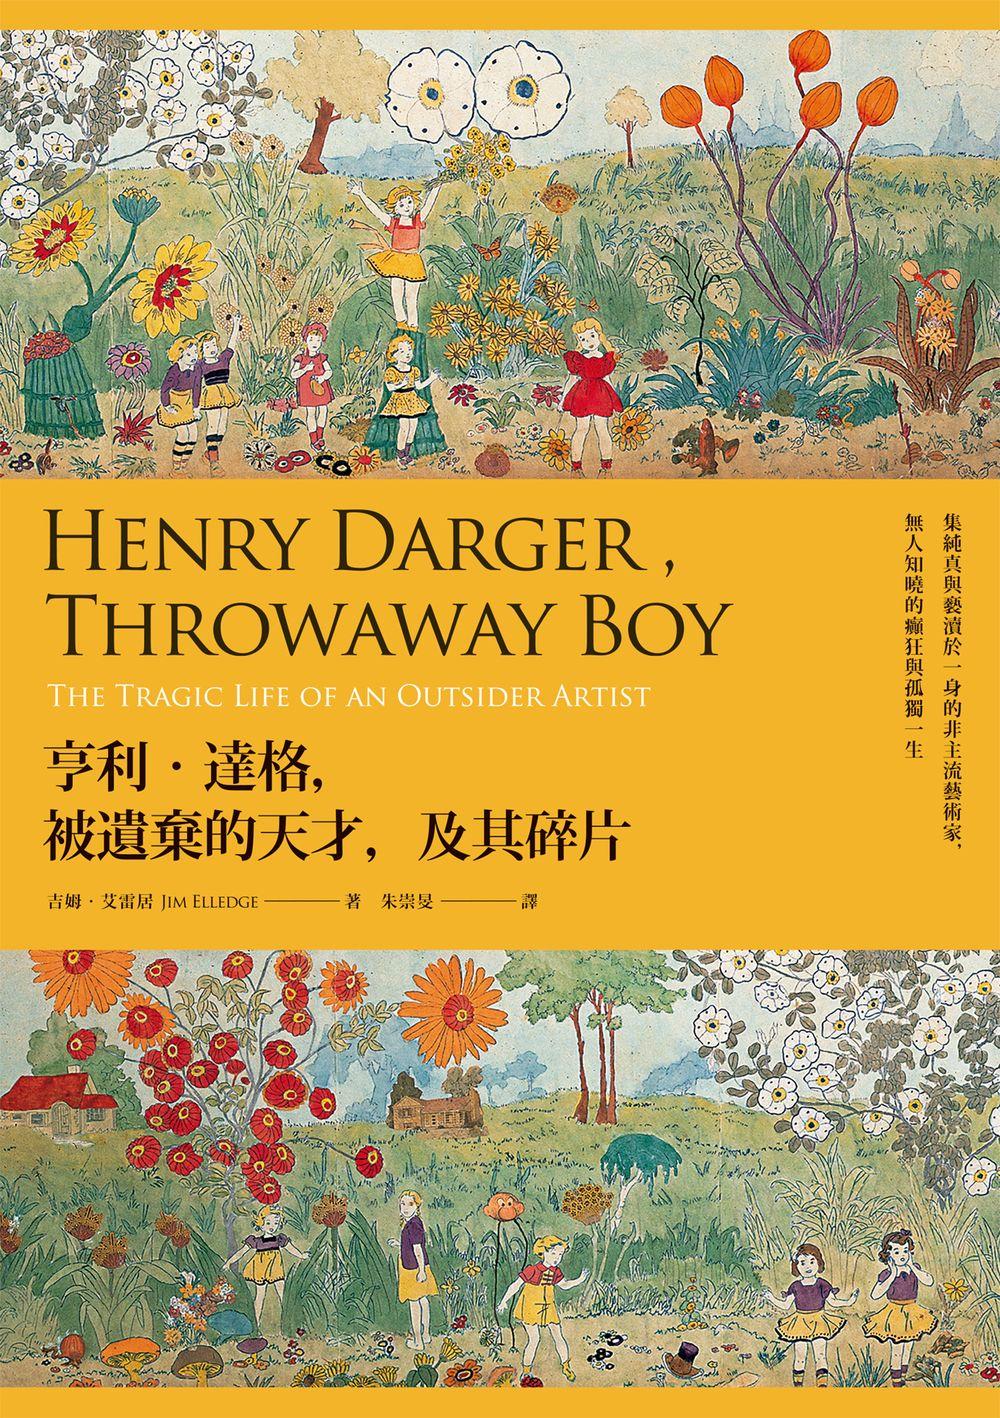 亨利‧達格,被遺棄的天才,及其碎片:集純真與褻瀆於一身的非主流藝術家,無人知曉的癲狂與孤獨一生 (電子書)